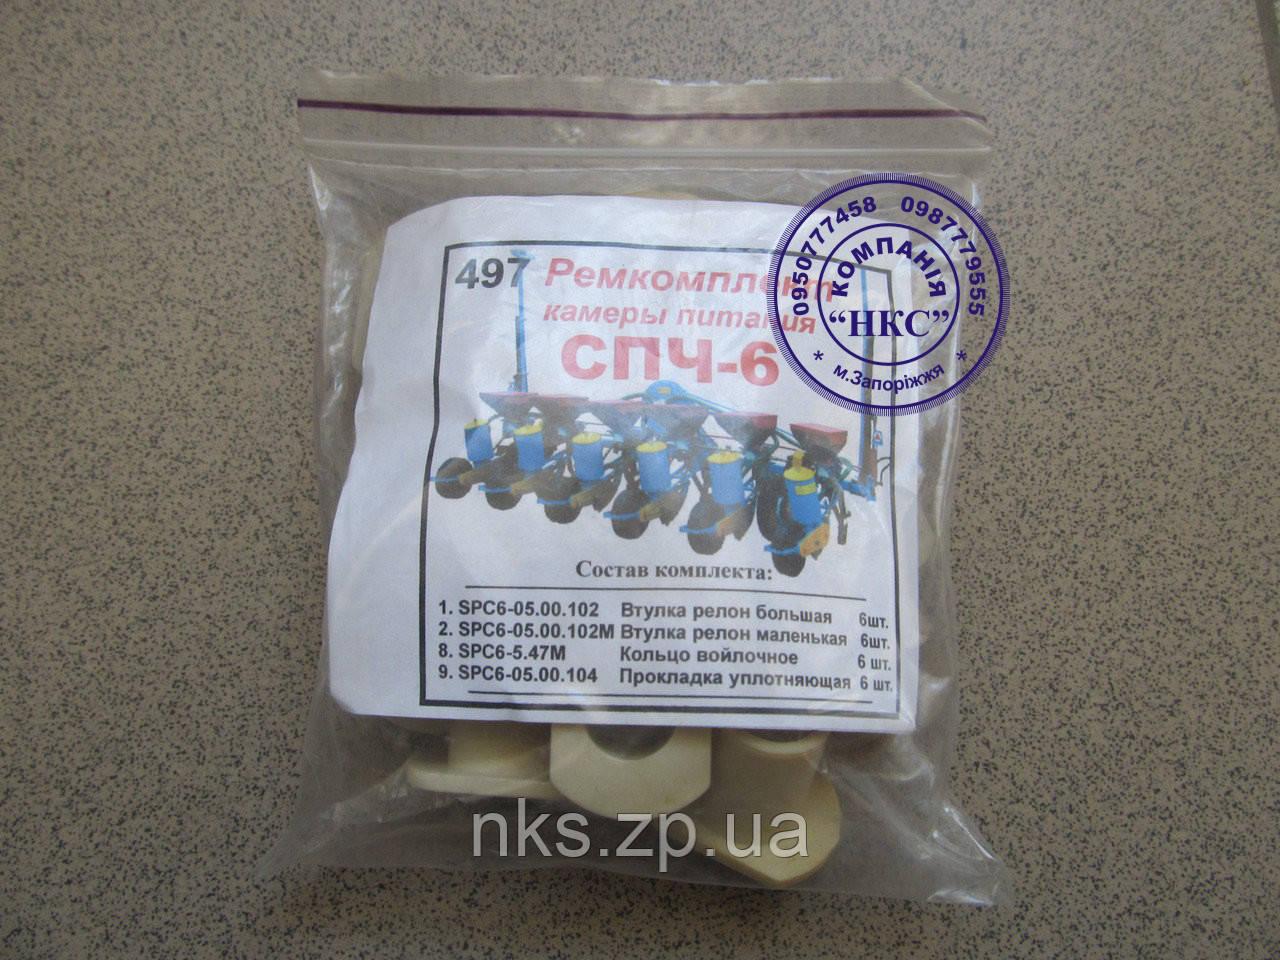 Р/к Корпуса камеры питания СПЧ-6  № 497.